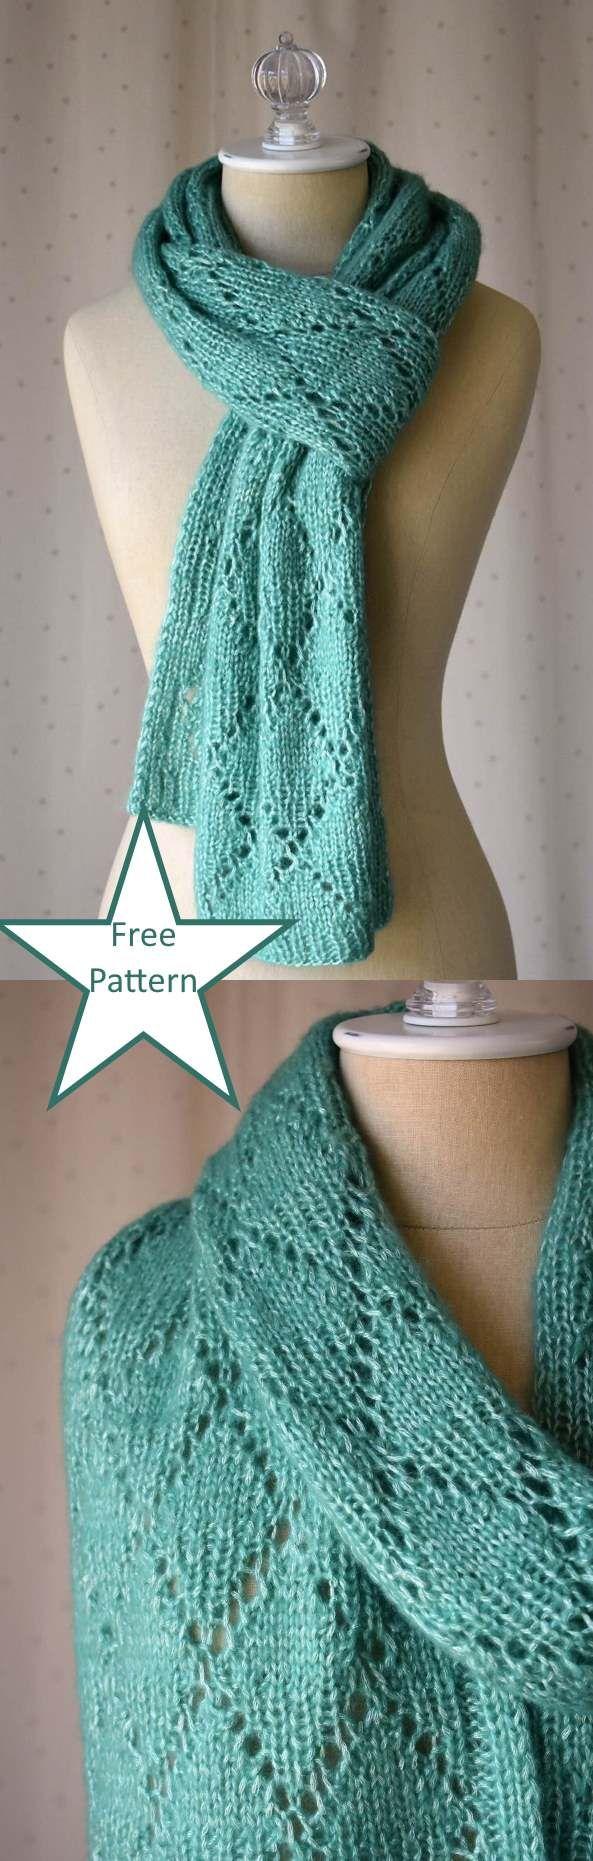 Free Scarf Knitting Patterns pdf